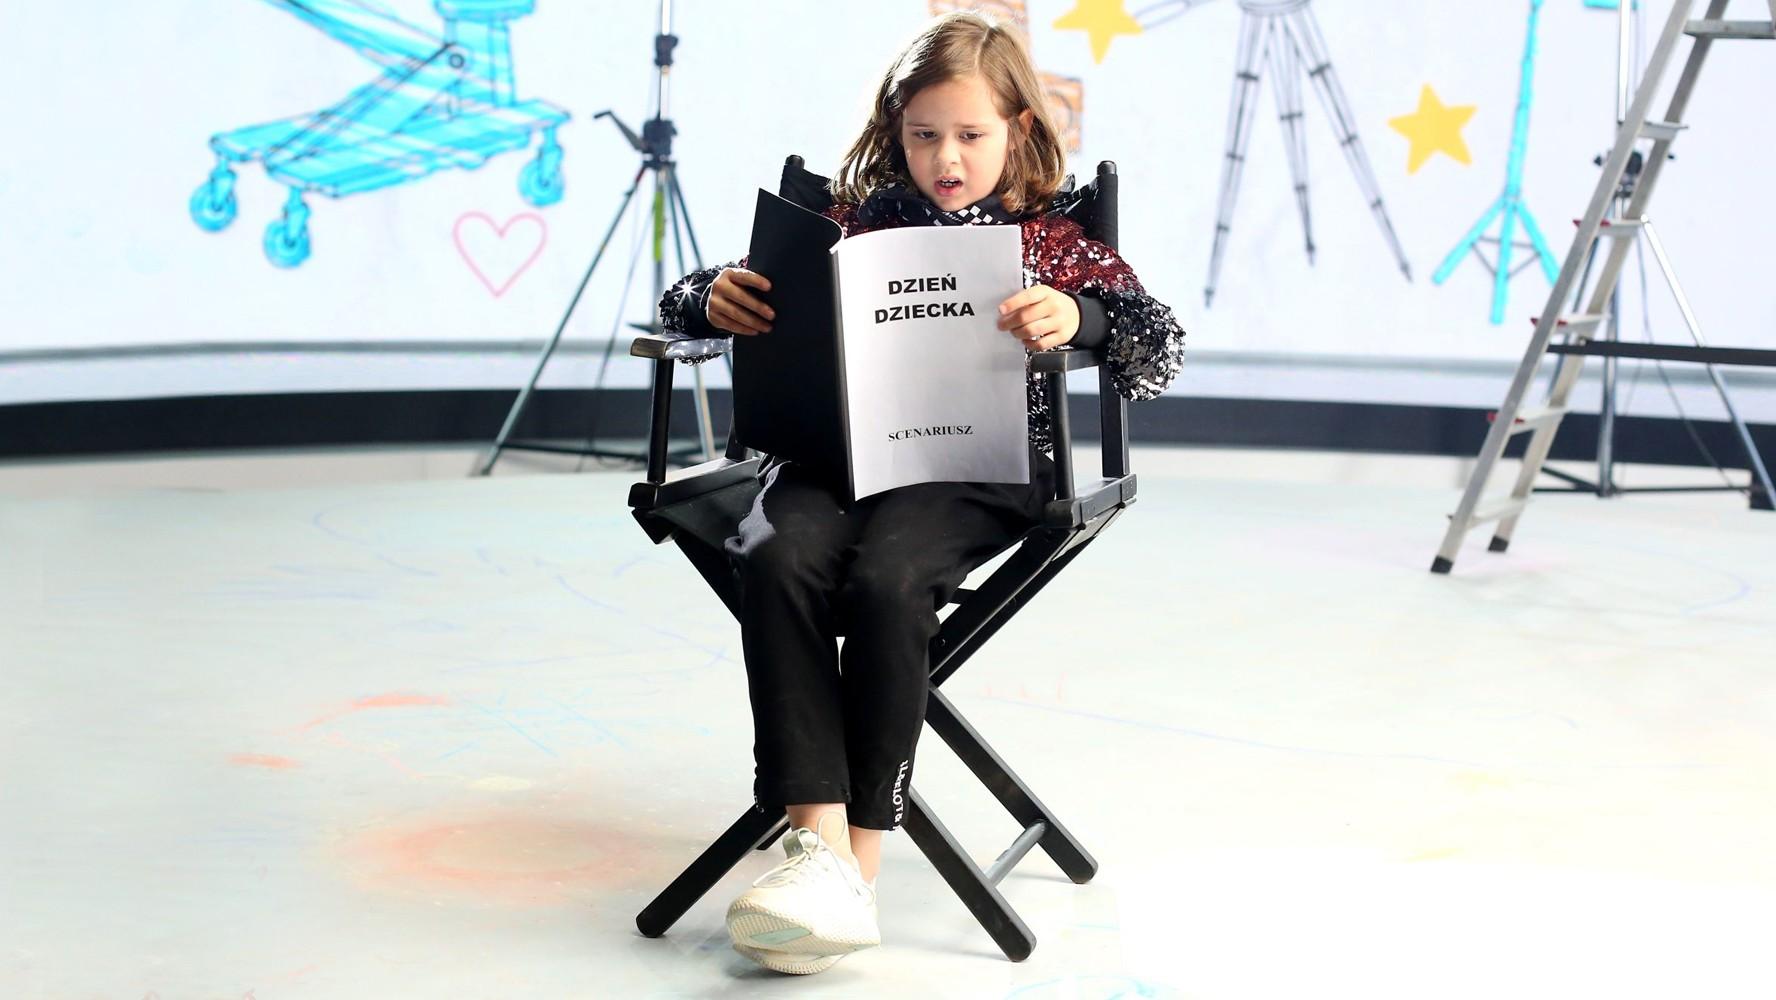 Fundacja Polsat świętuje Dzień Dziecka. Zobacz nowe spoty!